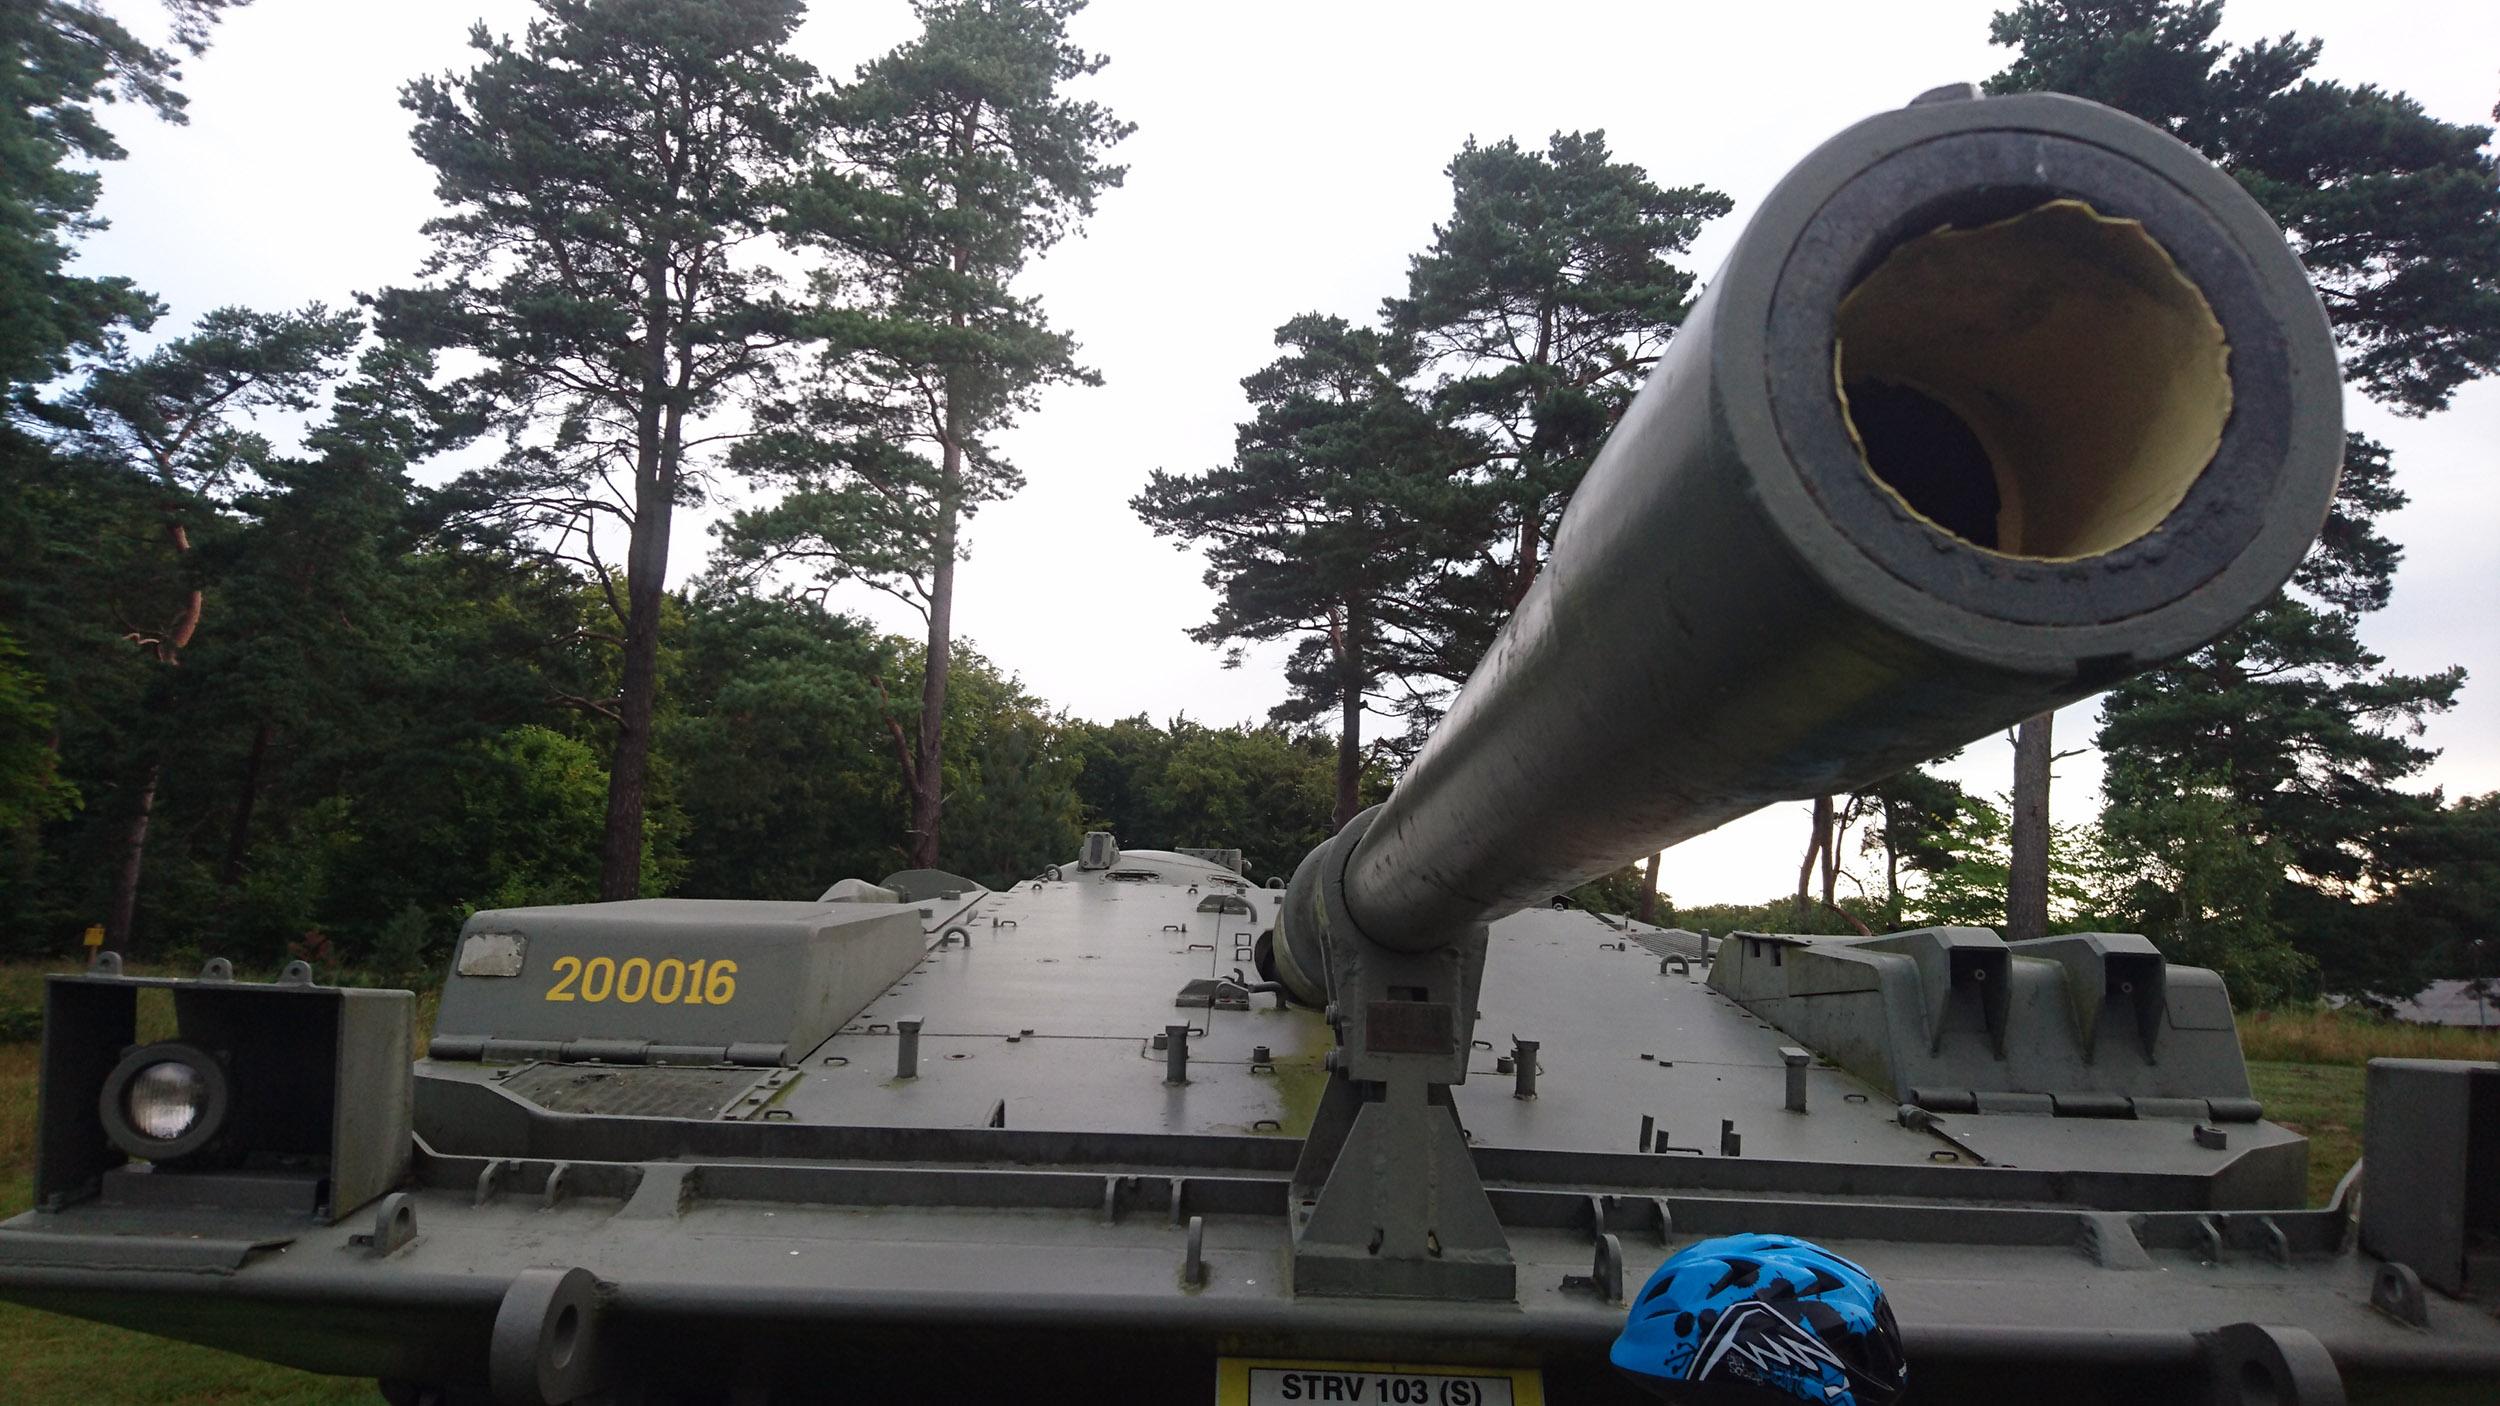 En stridsvagn från 1960-talet står uppställd i militärbyn Dammåkra.